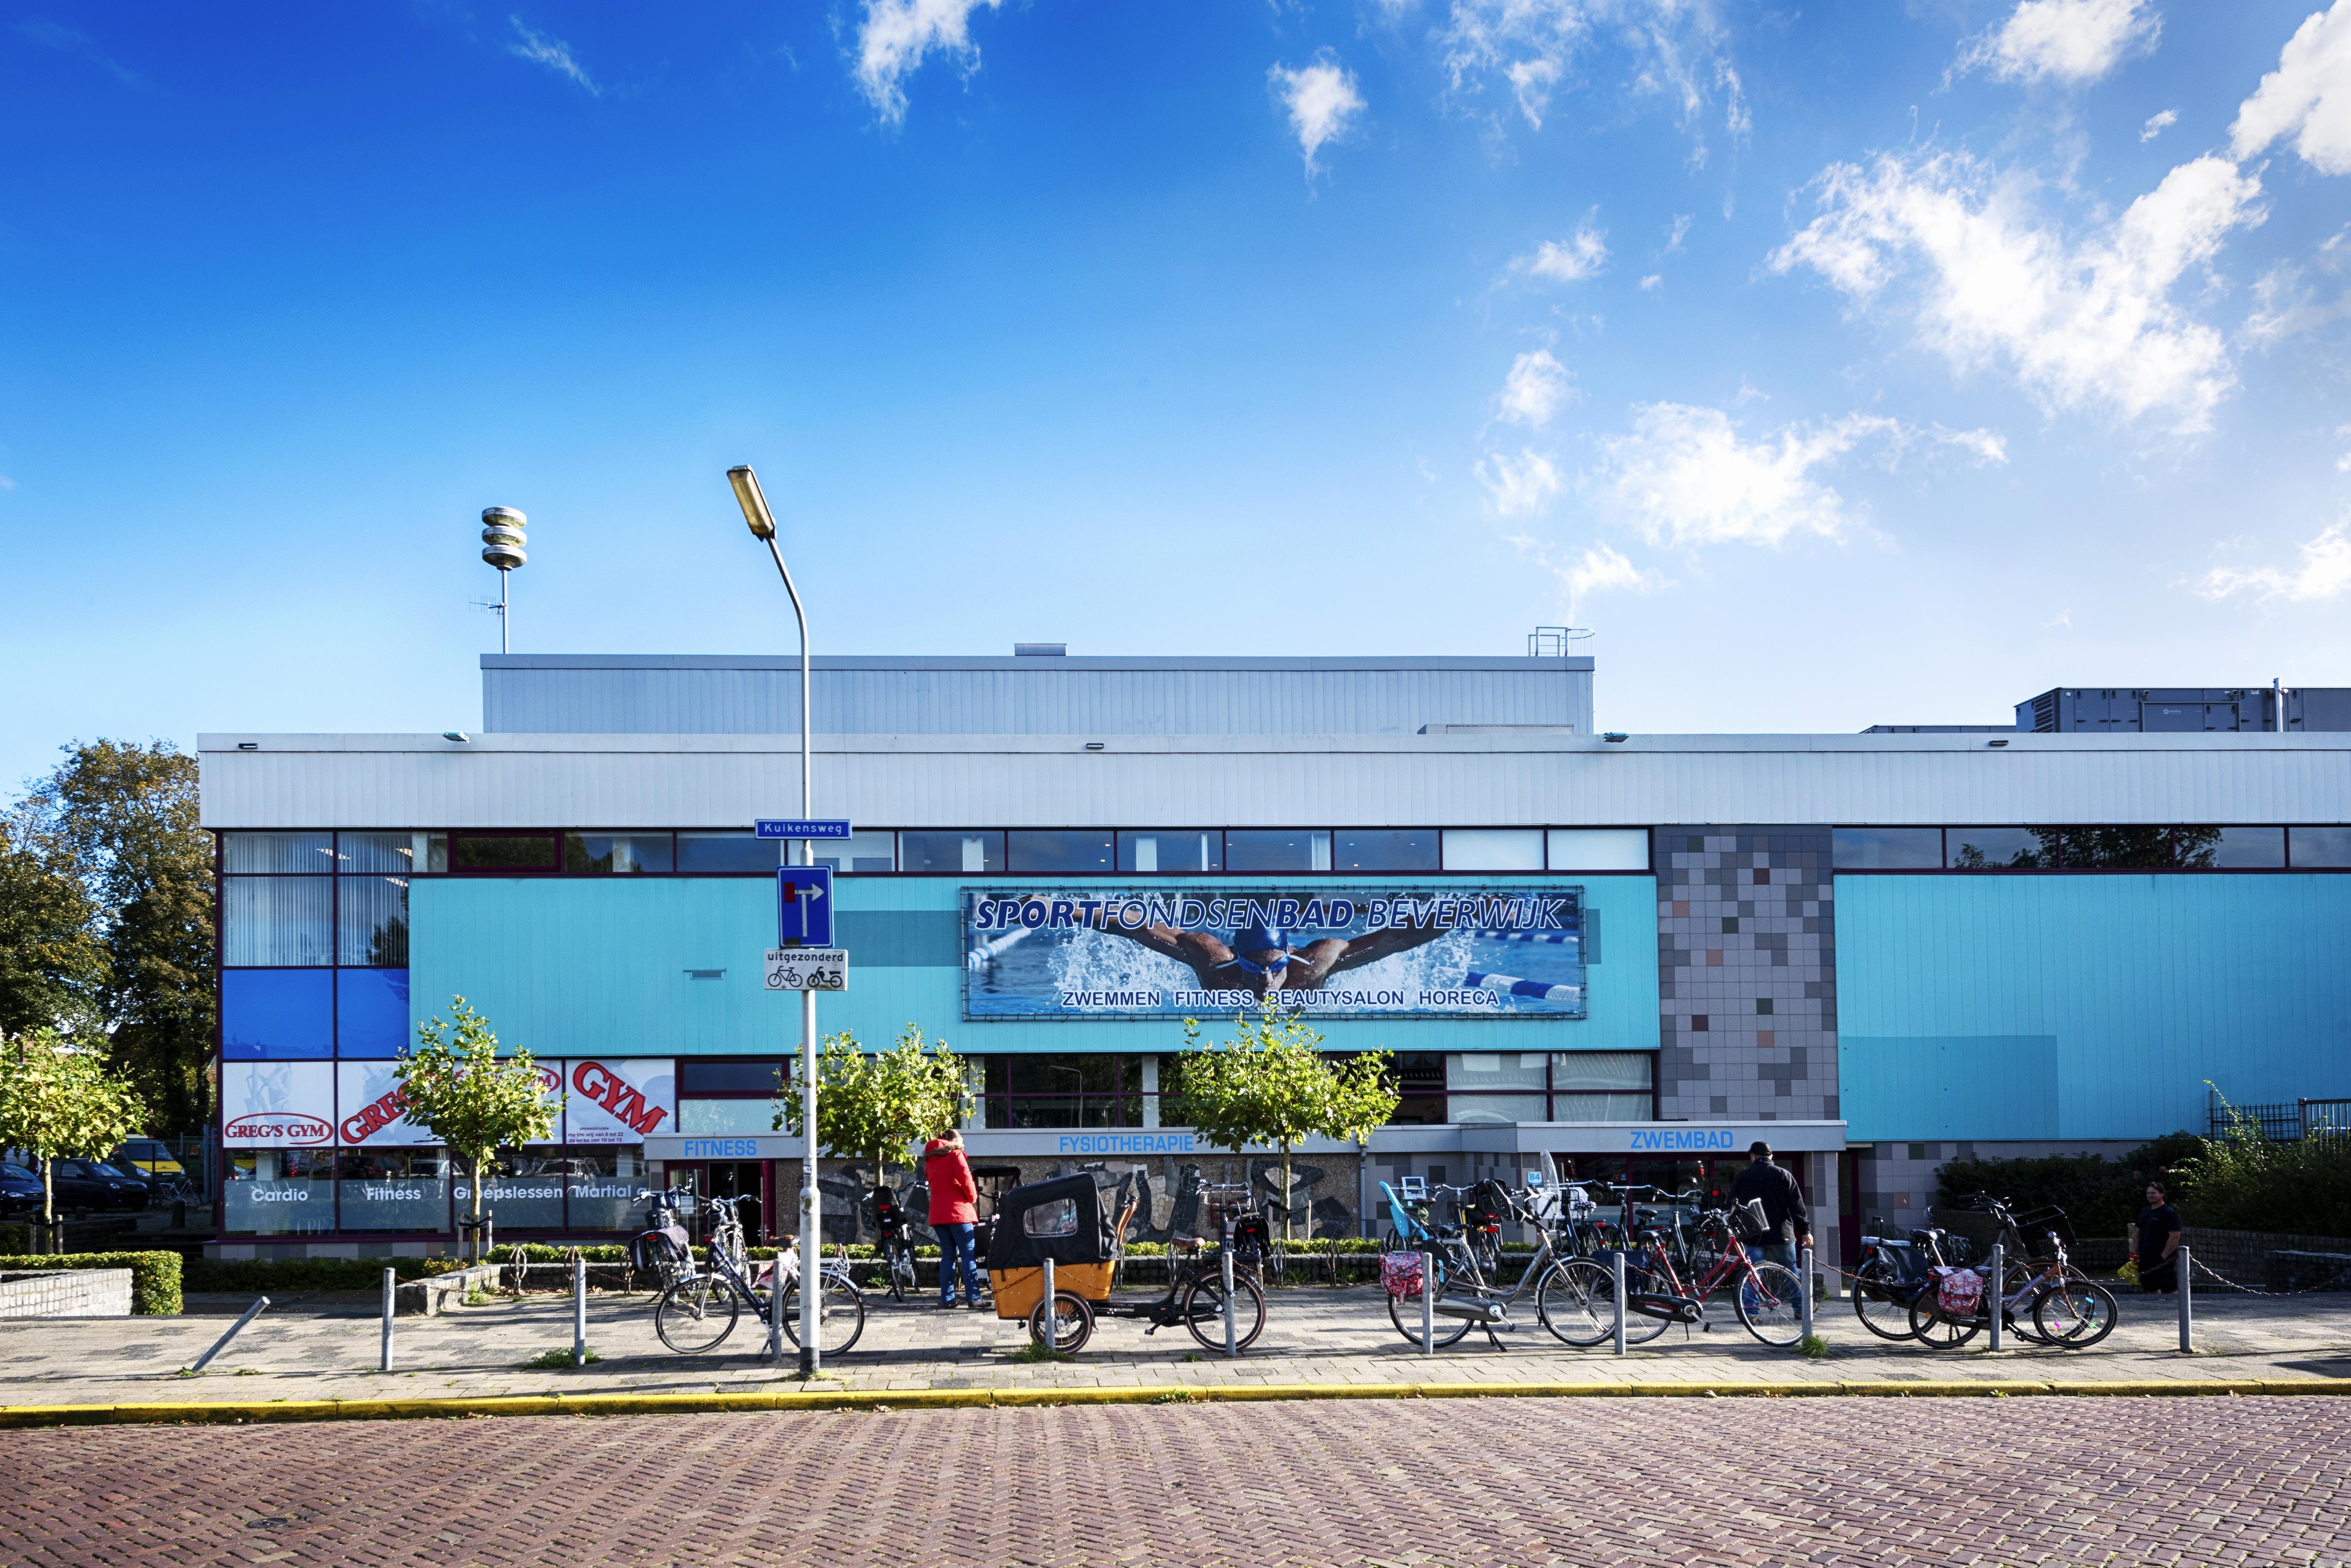 'Nieuw zwembad niet duurder dan oude oplappen', Sportfondsenbad Beverwijk wil verder met Heemskerk